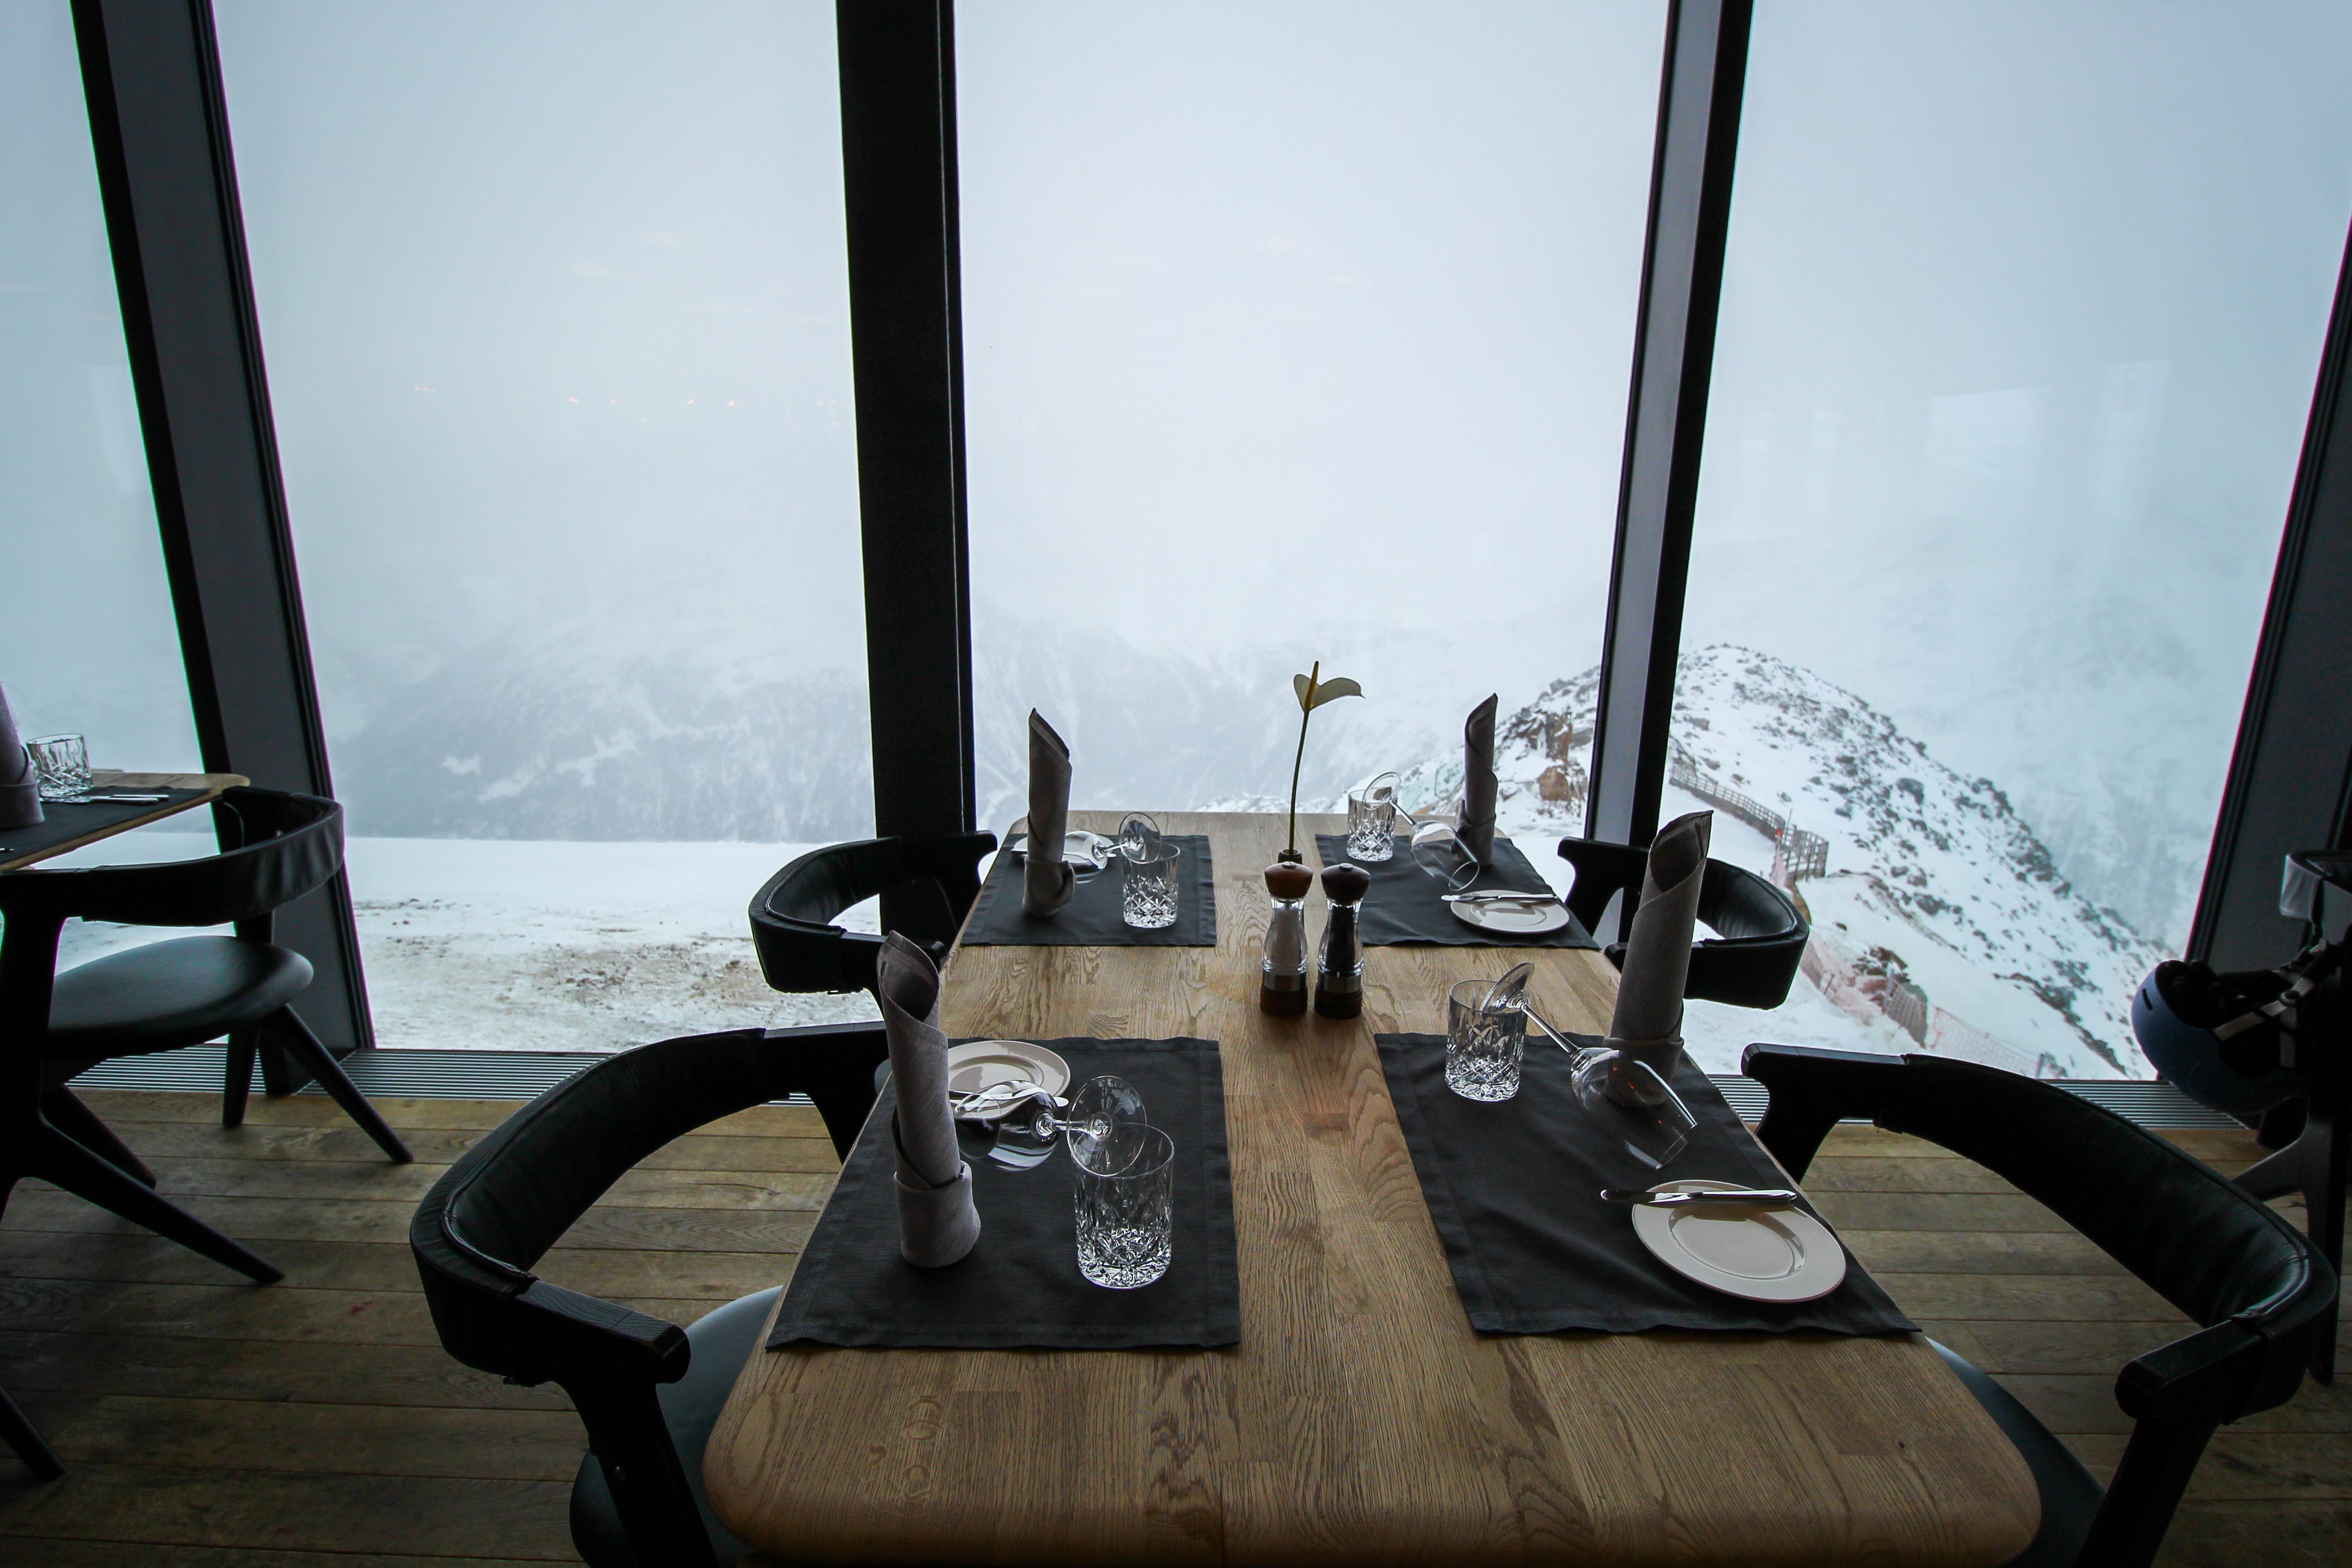 Gourmet-Restaurant Gipfelaussicht Tisch iceQ Sölden Tirol Österreich James Bond Location Spectre 3000m Gaislachkogl Reiseblog